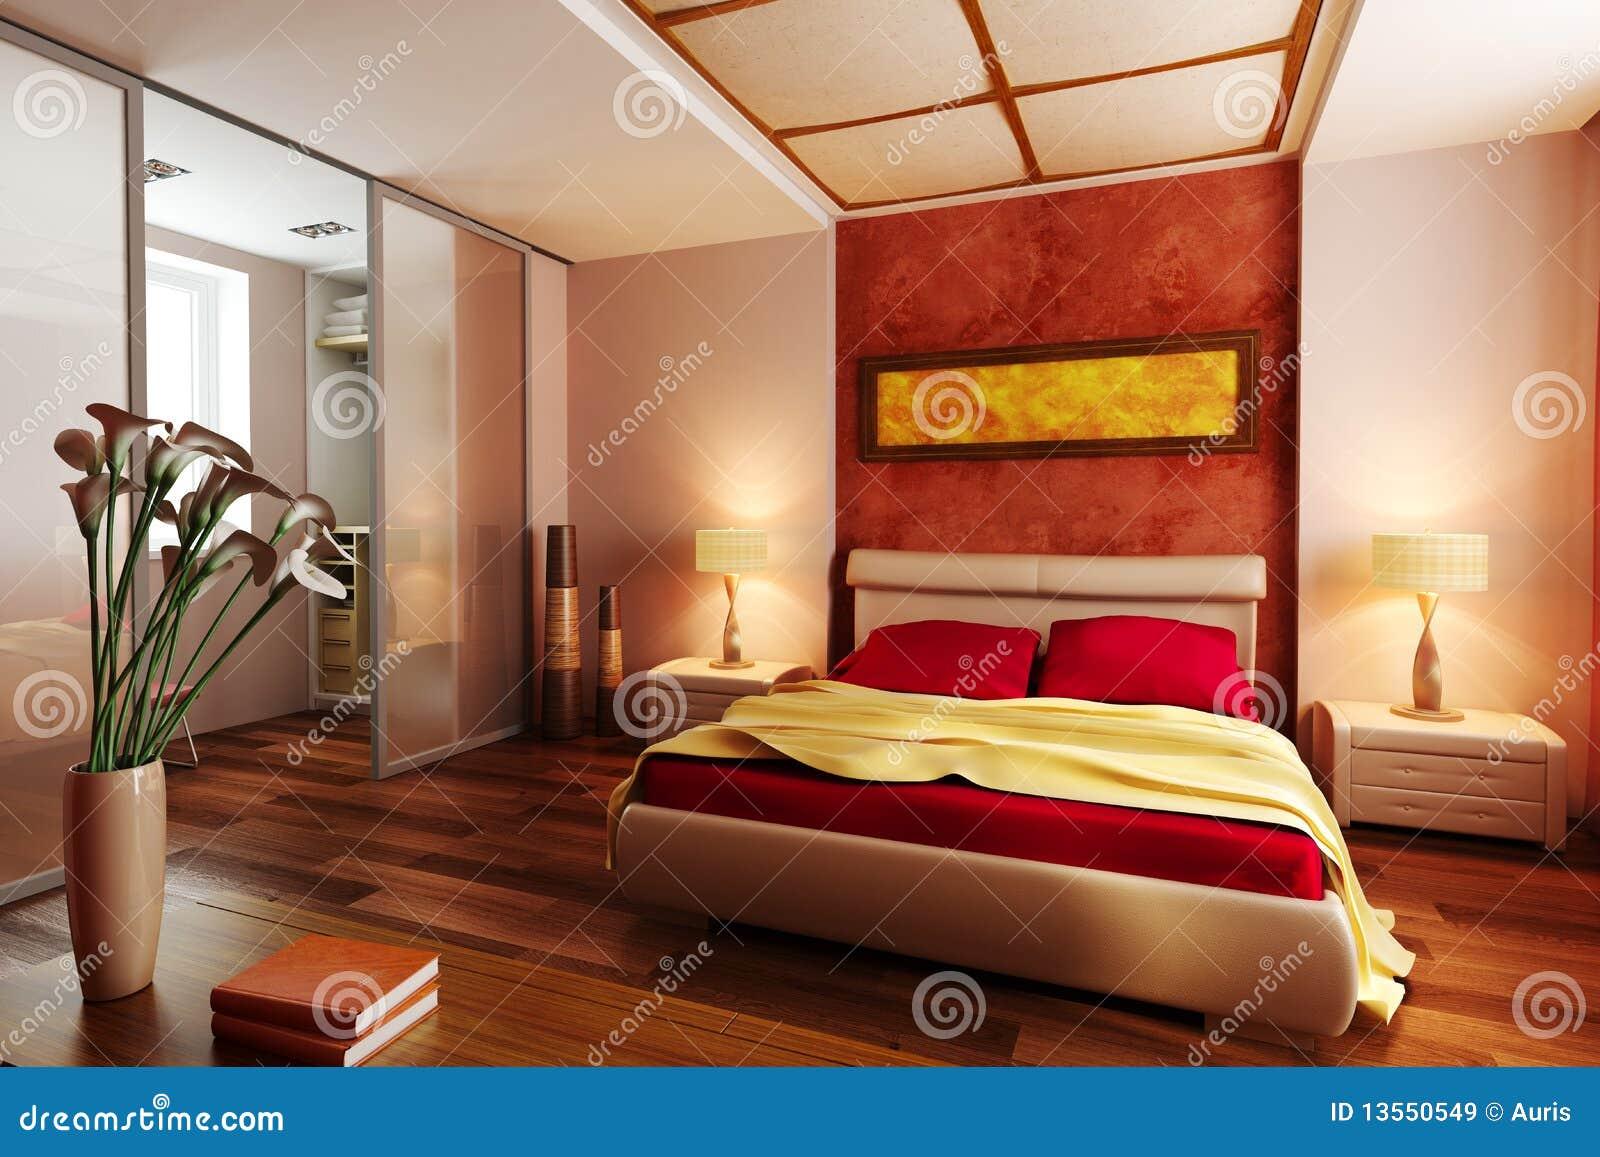 Camera da letto moderna 3d interno di stile immagini stock for Camera letto 3d